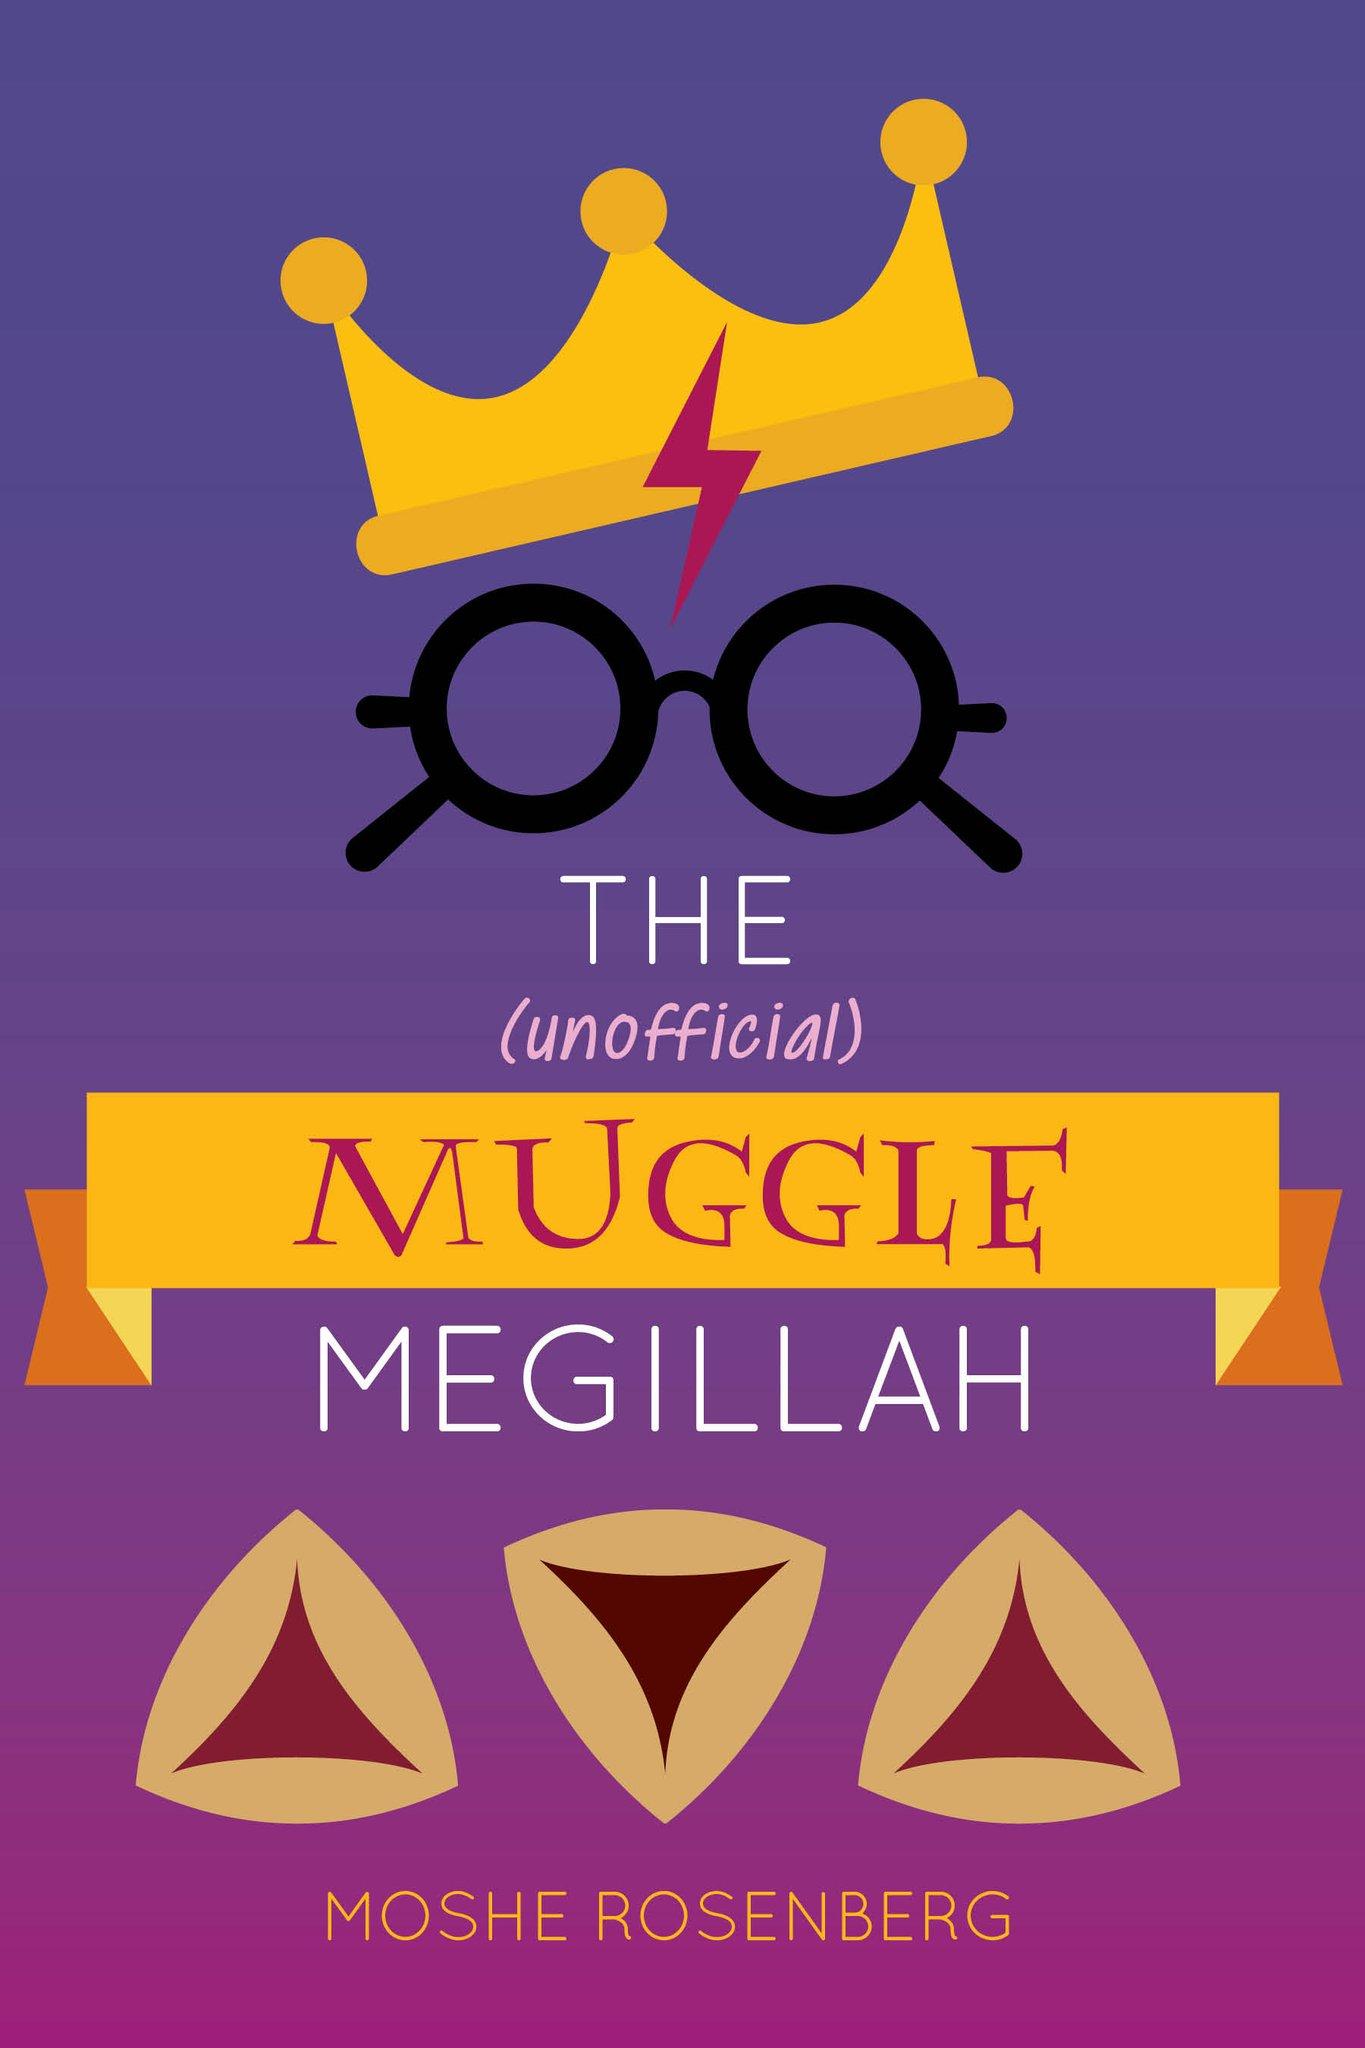 The Unofficial Muggle Megillah by Moshe Rosenberg